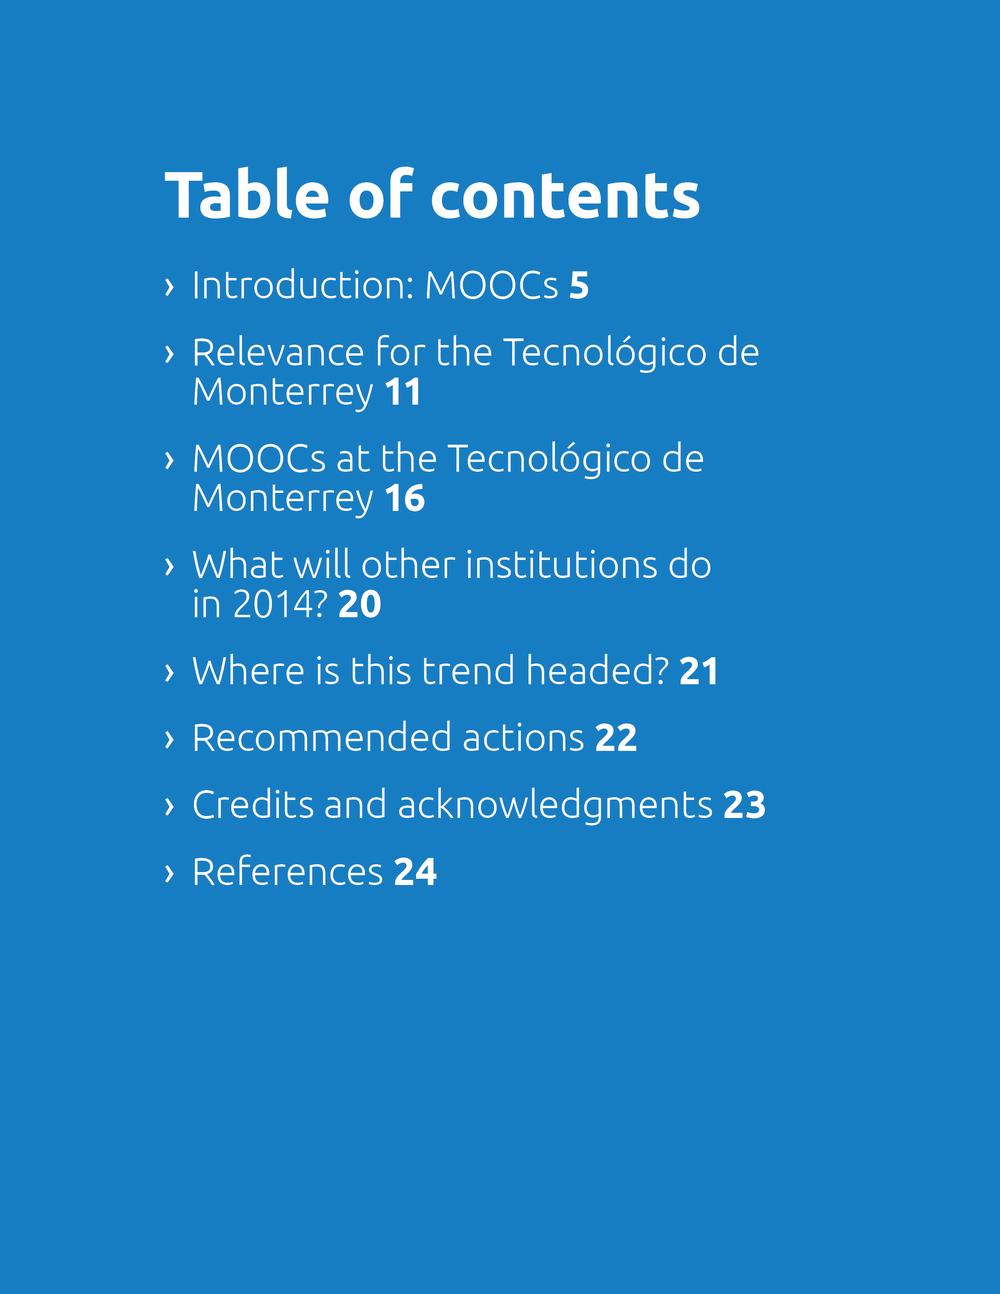 Edu Trends MOOC - Profesores (eng-print)3.png